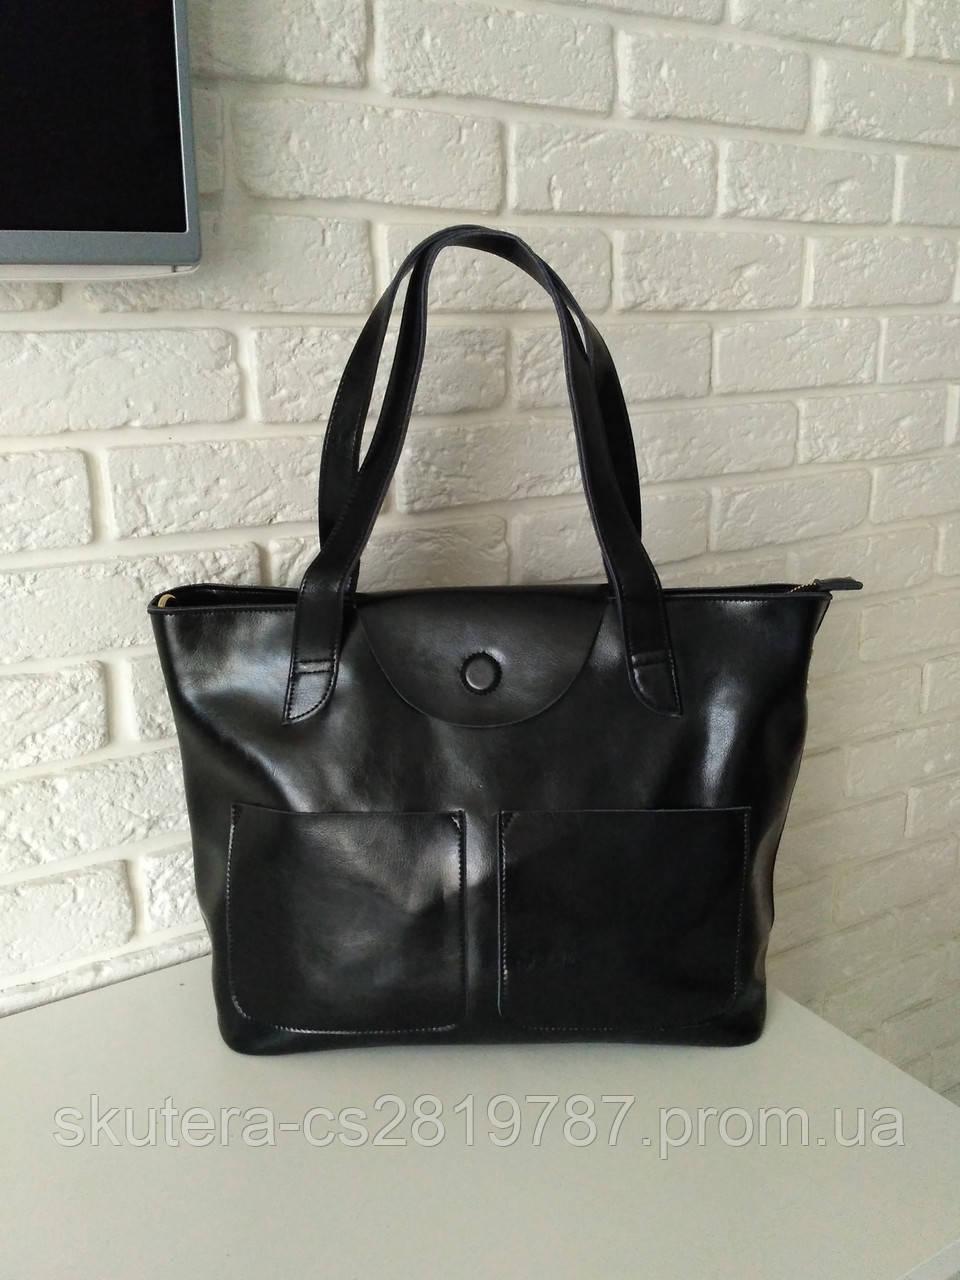 b939e8a7fdb0 Женская кожаная сумка